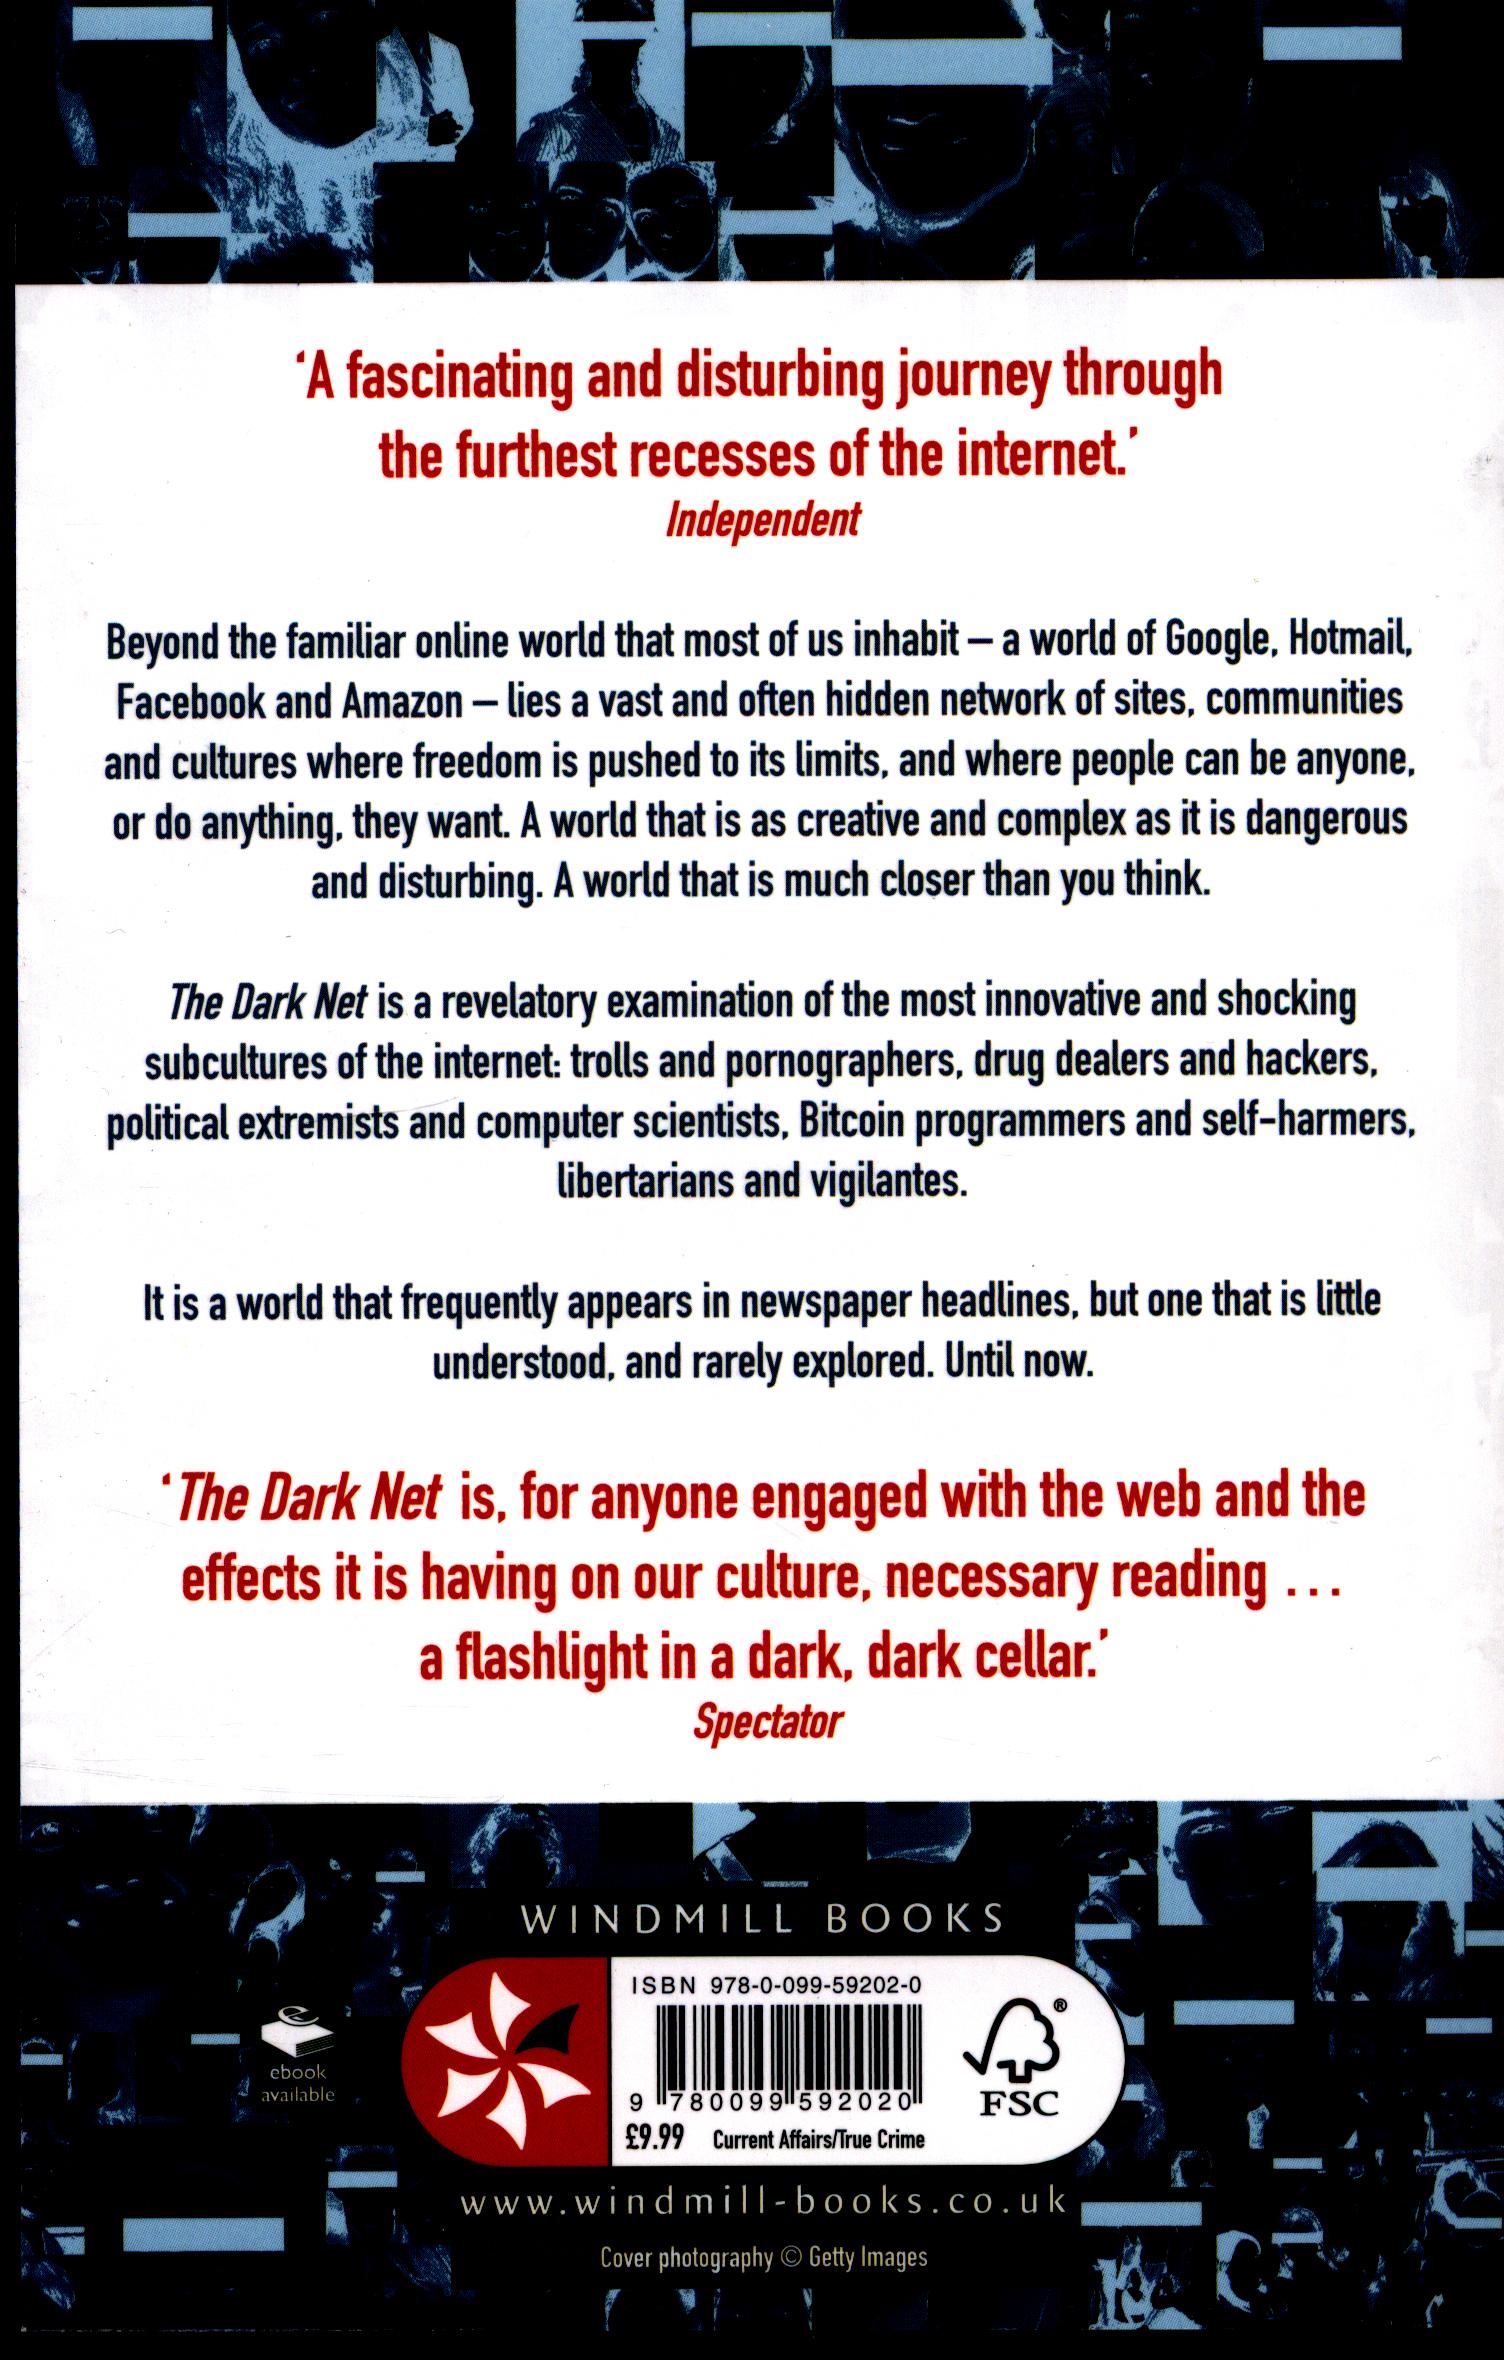 The dark net jamie bartlett pdf free download